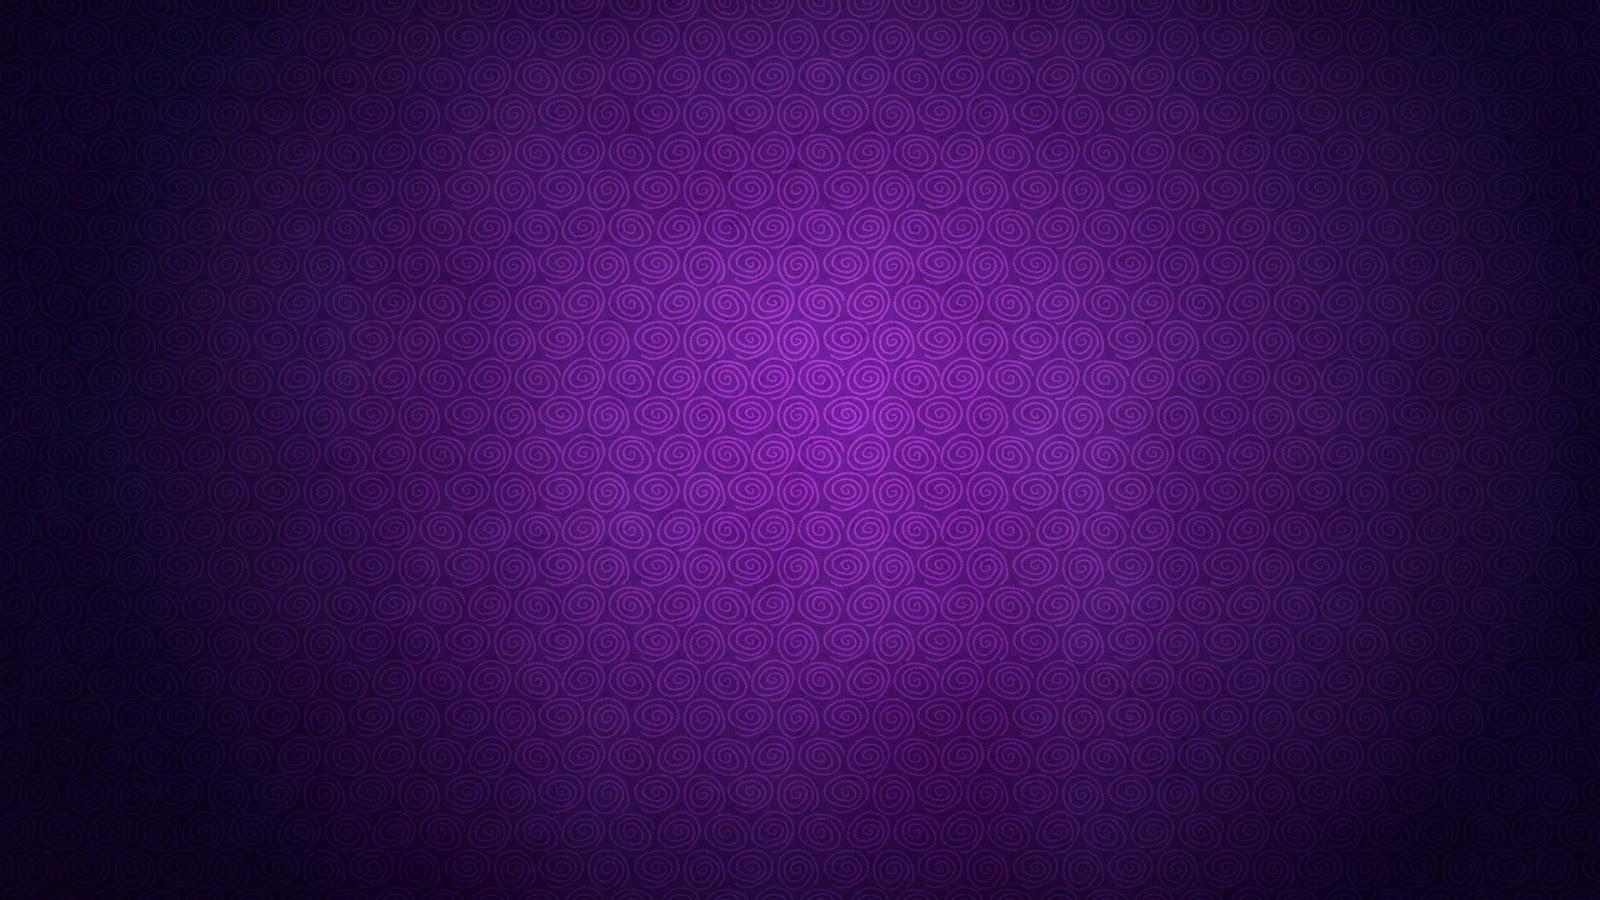 http://1.bp.blogspot.com/-5yjdoFI_TLs/UB0DMK8eeEI/AAAAAAAAEec/bOl9ZTcLEOc/s1600/1080p+hd+wallpapers+%2816%29.jpg